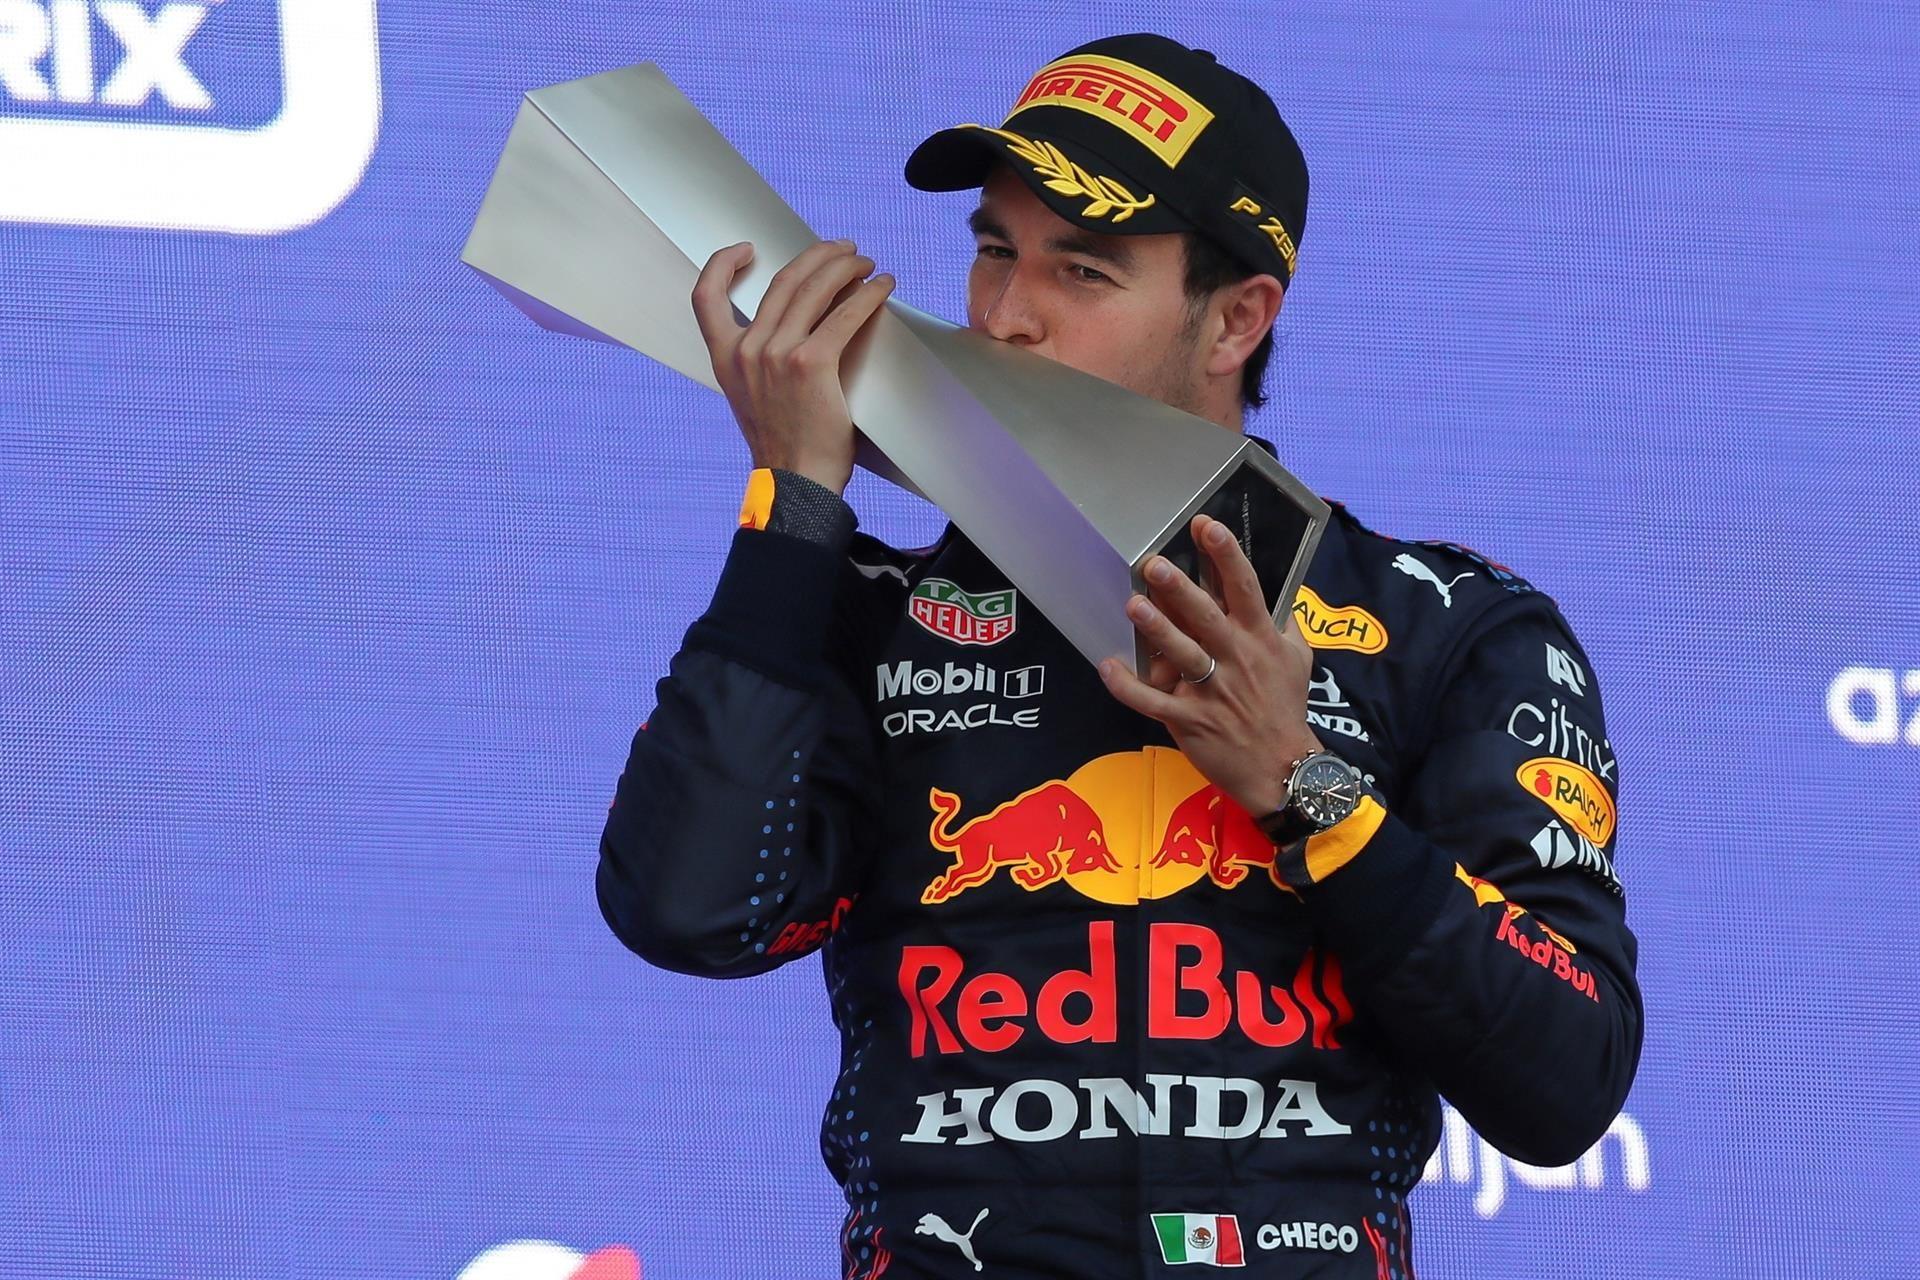 Fórmula 1: Con final sorprendente, el mexicano Checo Pérez festeja un GP de Azerbaiyán